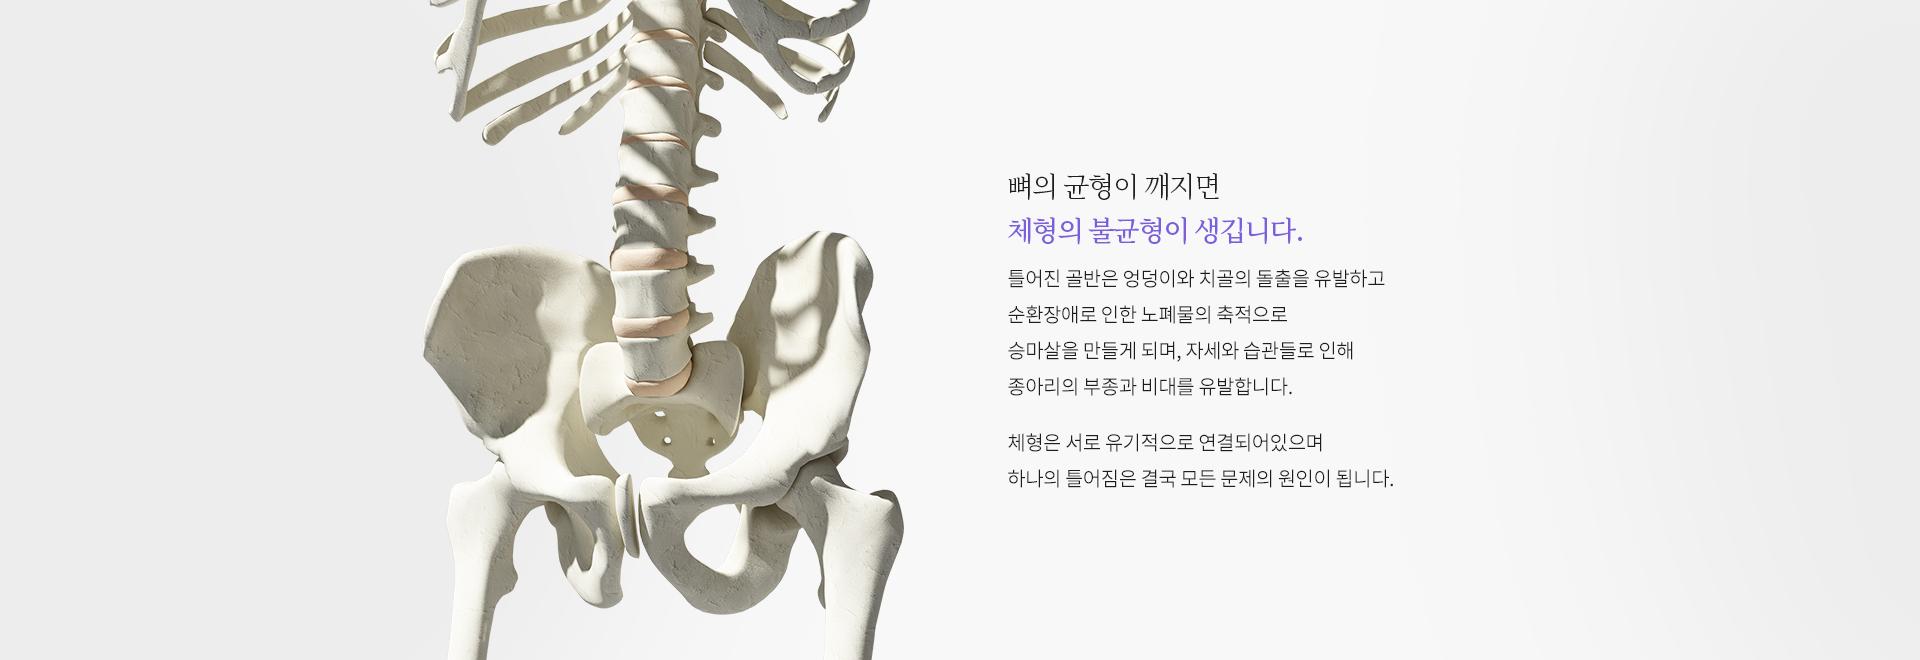 뼈의 균형이 깨지면 체형의 불균형이 생깁니다.